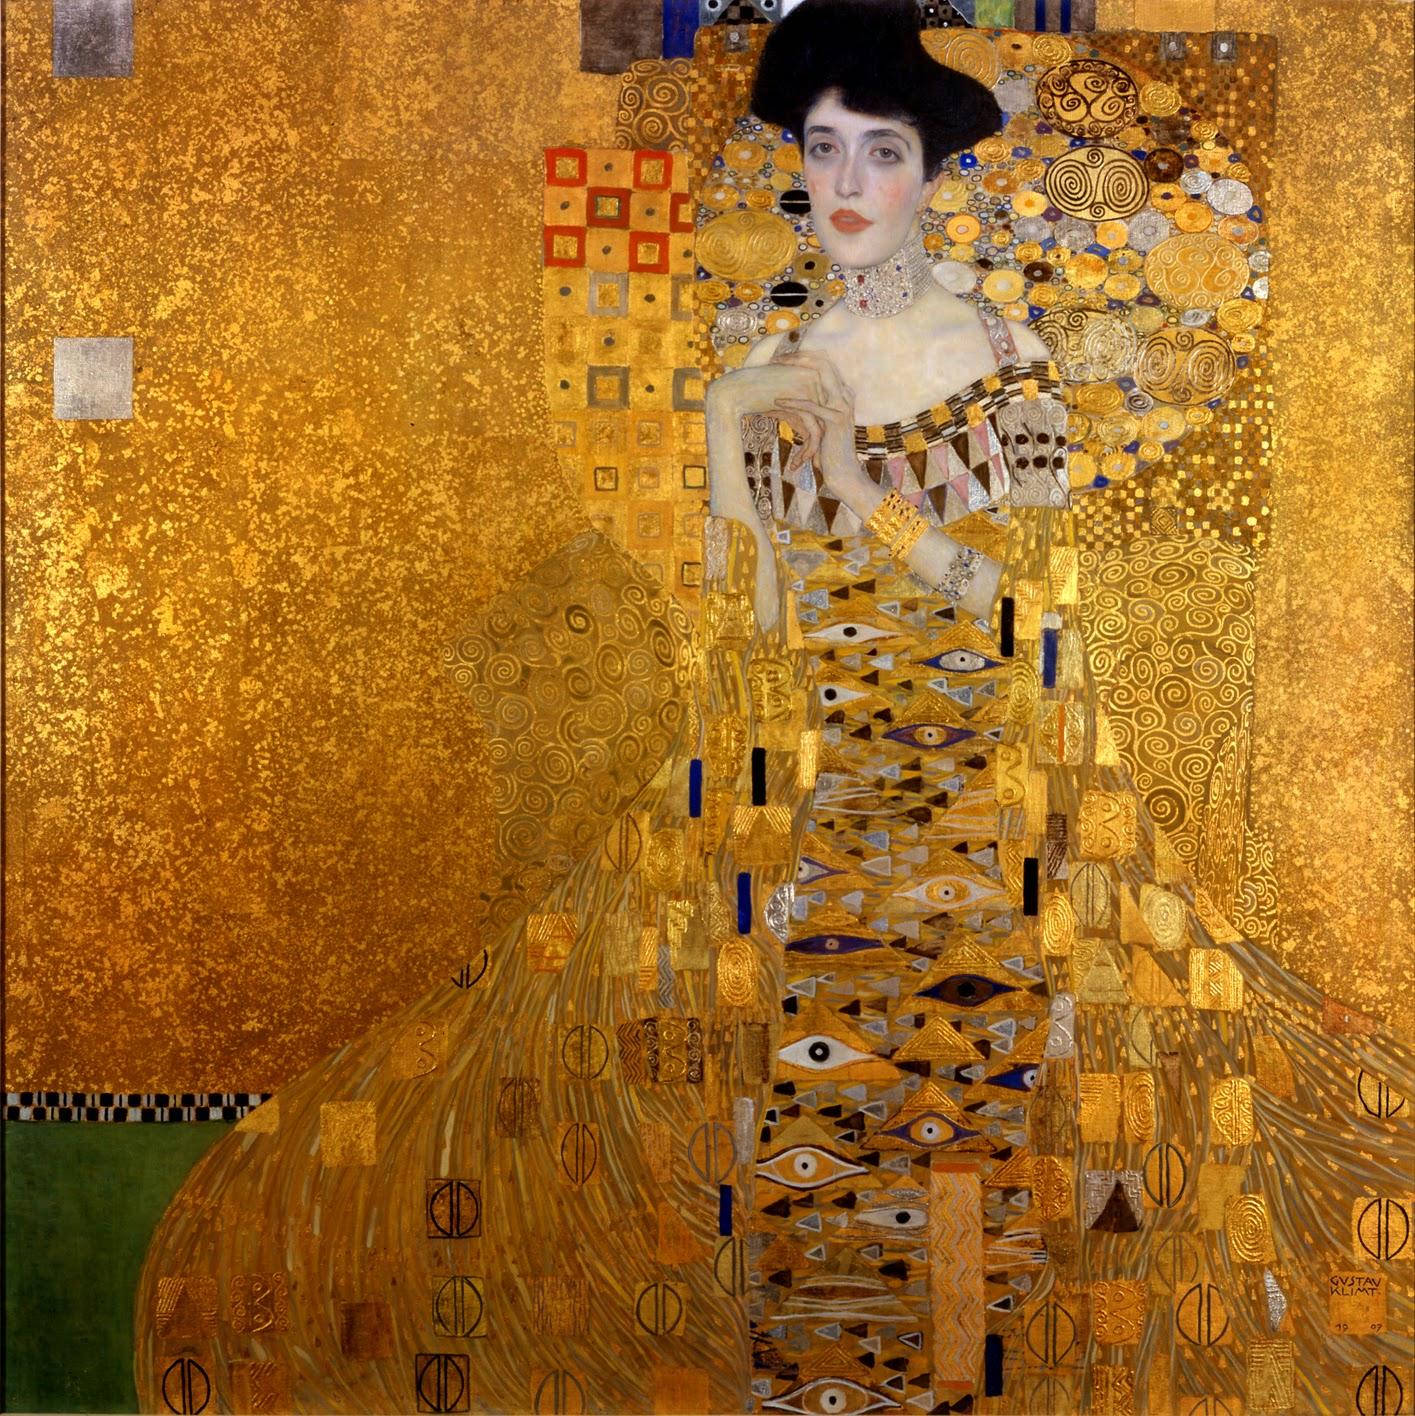 Gustav_Klimt_zolotaja_adel_portret